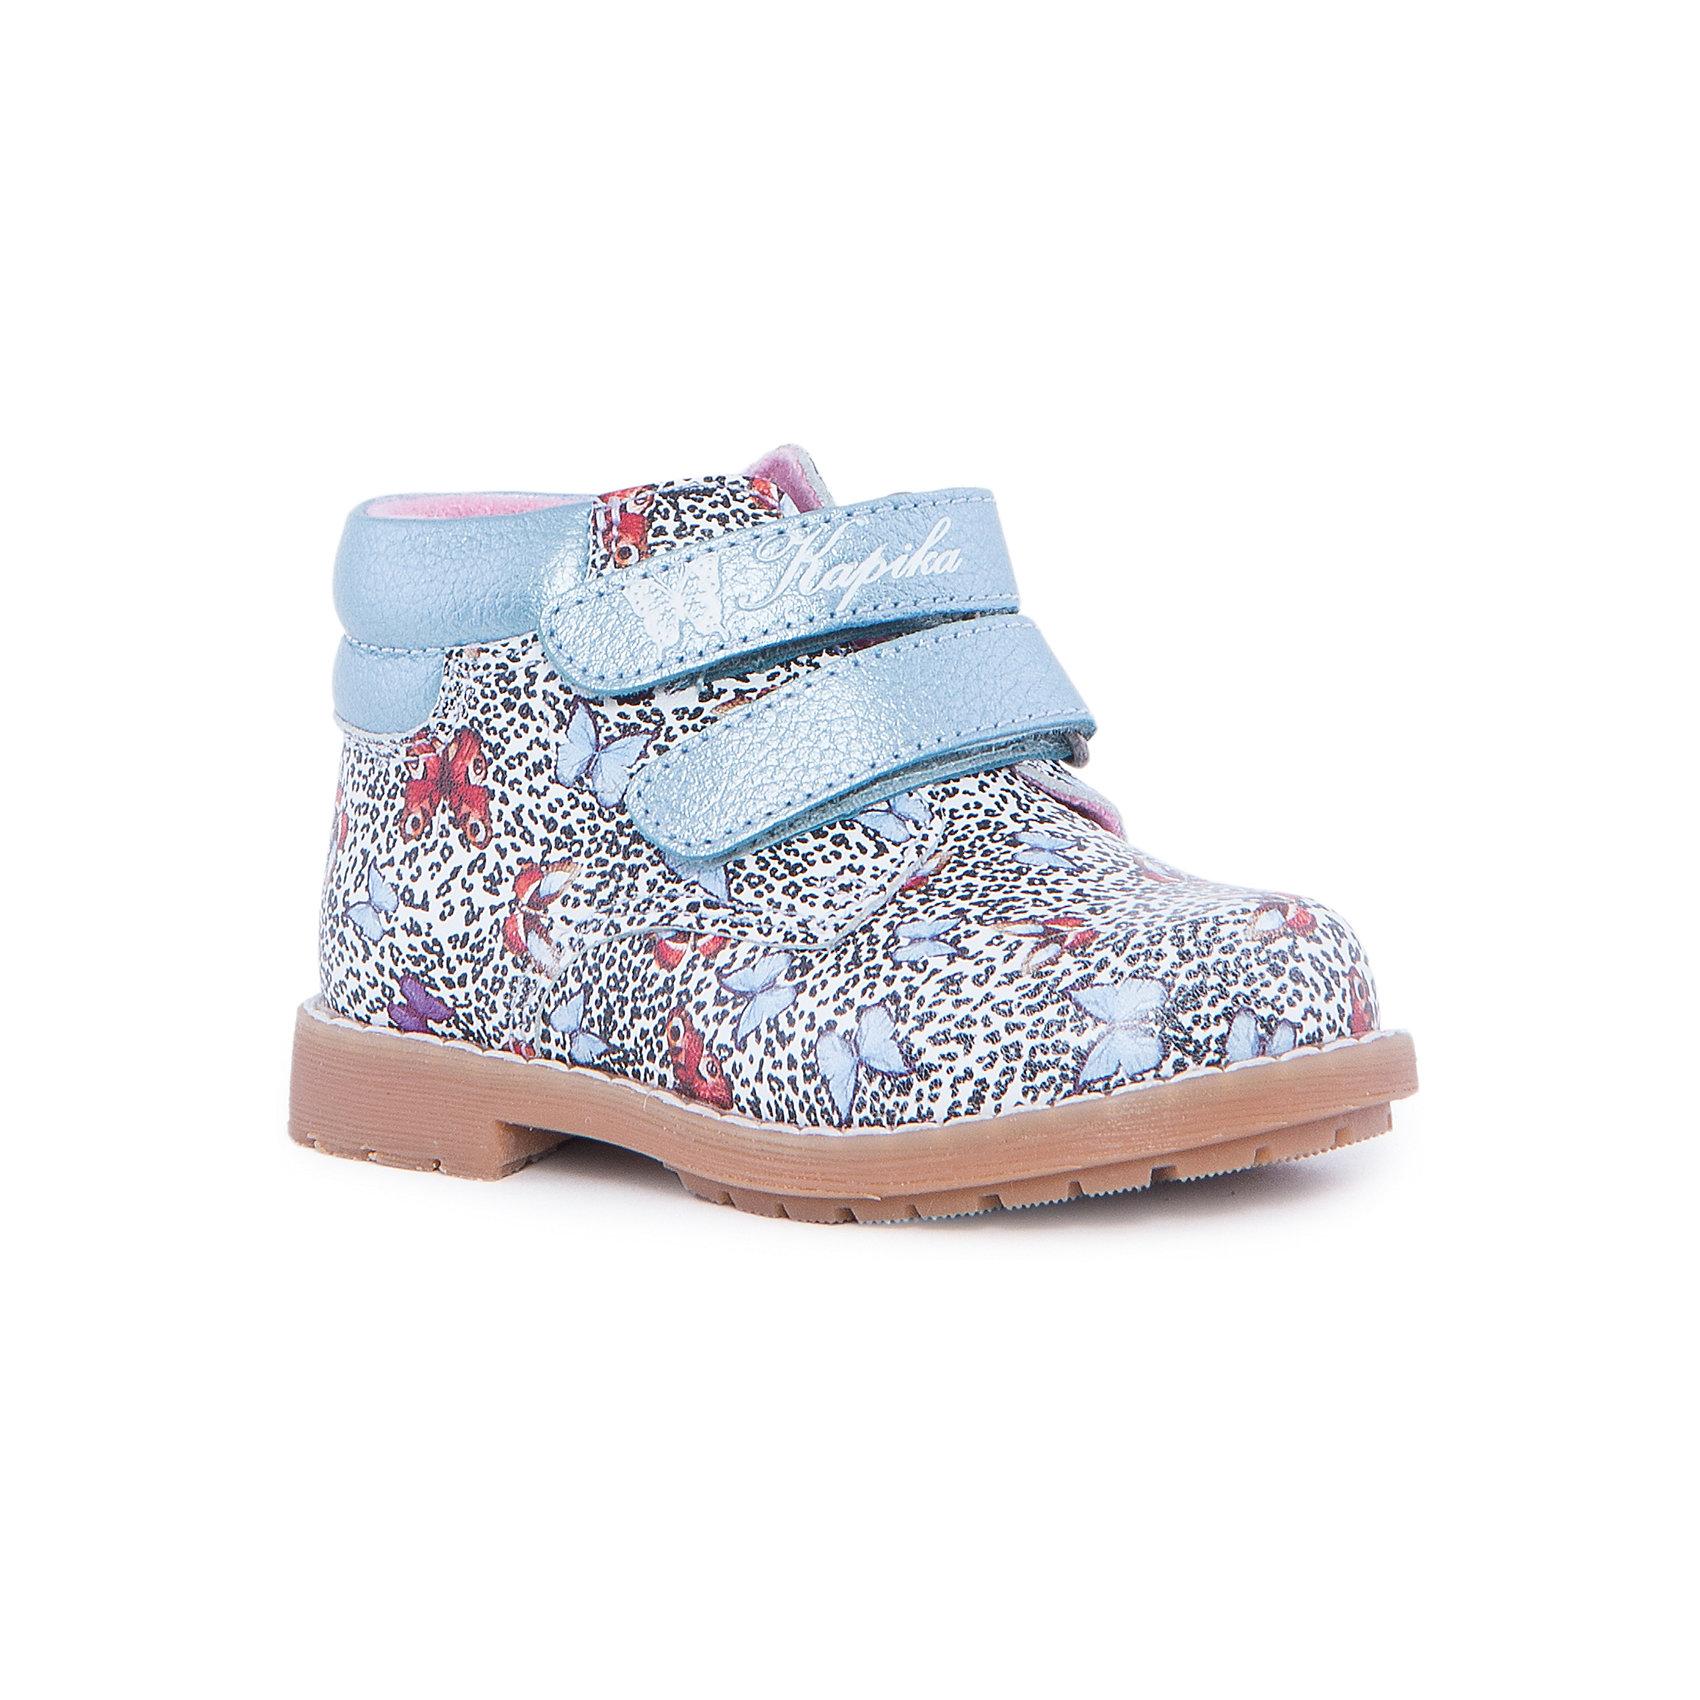 Ботинки для девочки KAPIKAБотинки<br>Ботинки для девочки KAPIKA – стиль, красота и тепло.<br>Красивые модные ботинки из натуральной кожи делают ходьбу комфортной и теплой. Внутри утепленная подкладка из шерсти. Ботинки сделаны с жестким задником и супинатором для правильного формирования ступни. Хорошо прилегают к ноге, закрепляясь двумя липучками. <br><br>Дополнительная информация:<br><br>- материал верха: натуральная кожа<br>- материал подкладки: утепленный текстиль, 80% шерсть<br><br>Ботинки для девочки KAPIKA можно купить в нашем интернет магазине.<br><br>Ширина мм: 262<br>Глубина мм: 176<br>Высота мм: 97<br>Вес г: 427<br>Цвет: белый<br>Возраст от месяцев: 15<br>Возраст до месяцев: 18<br>Пол: Женский<br>Возраст: Детский<br>Размер: 22,24,21,23<br>SKU: 4987980